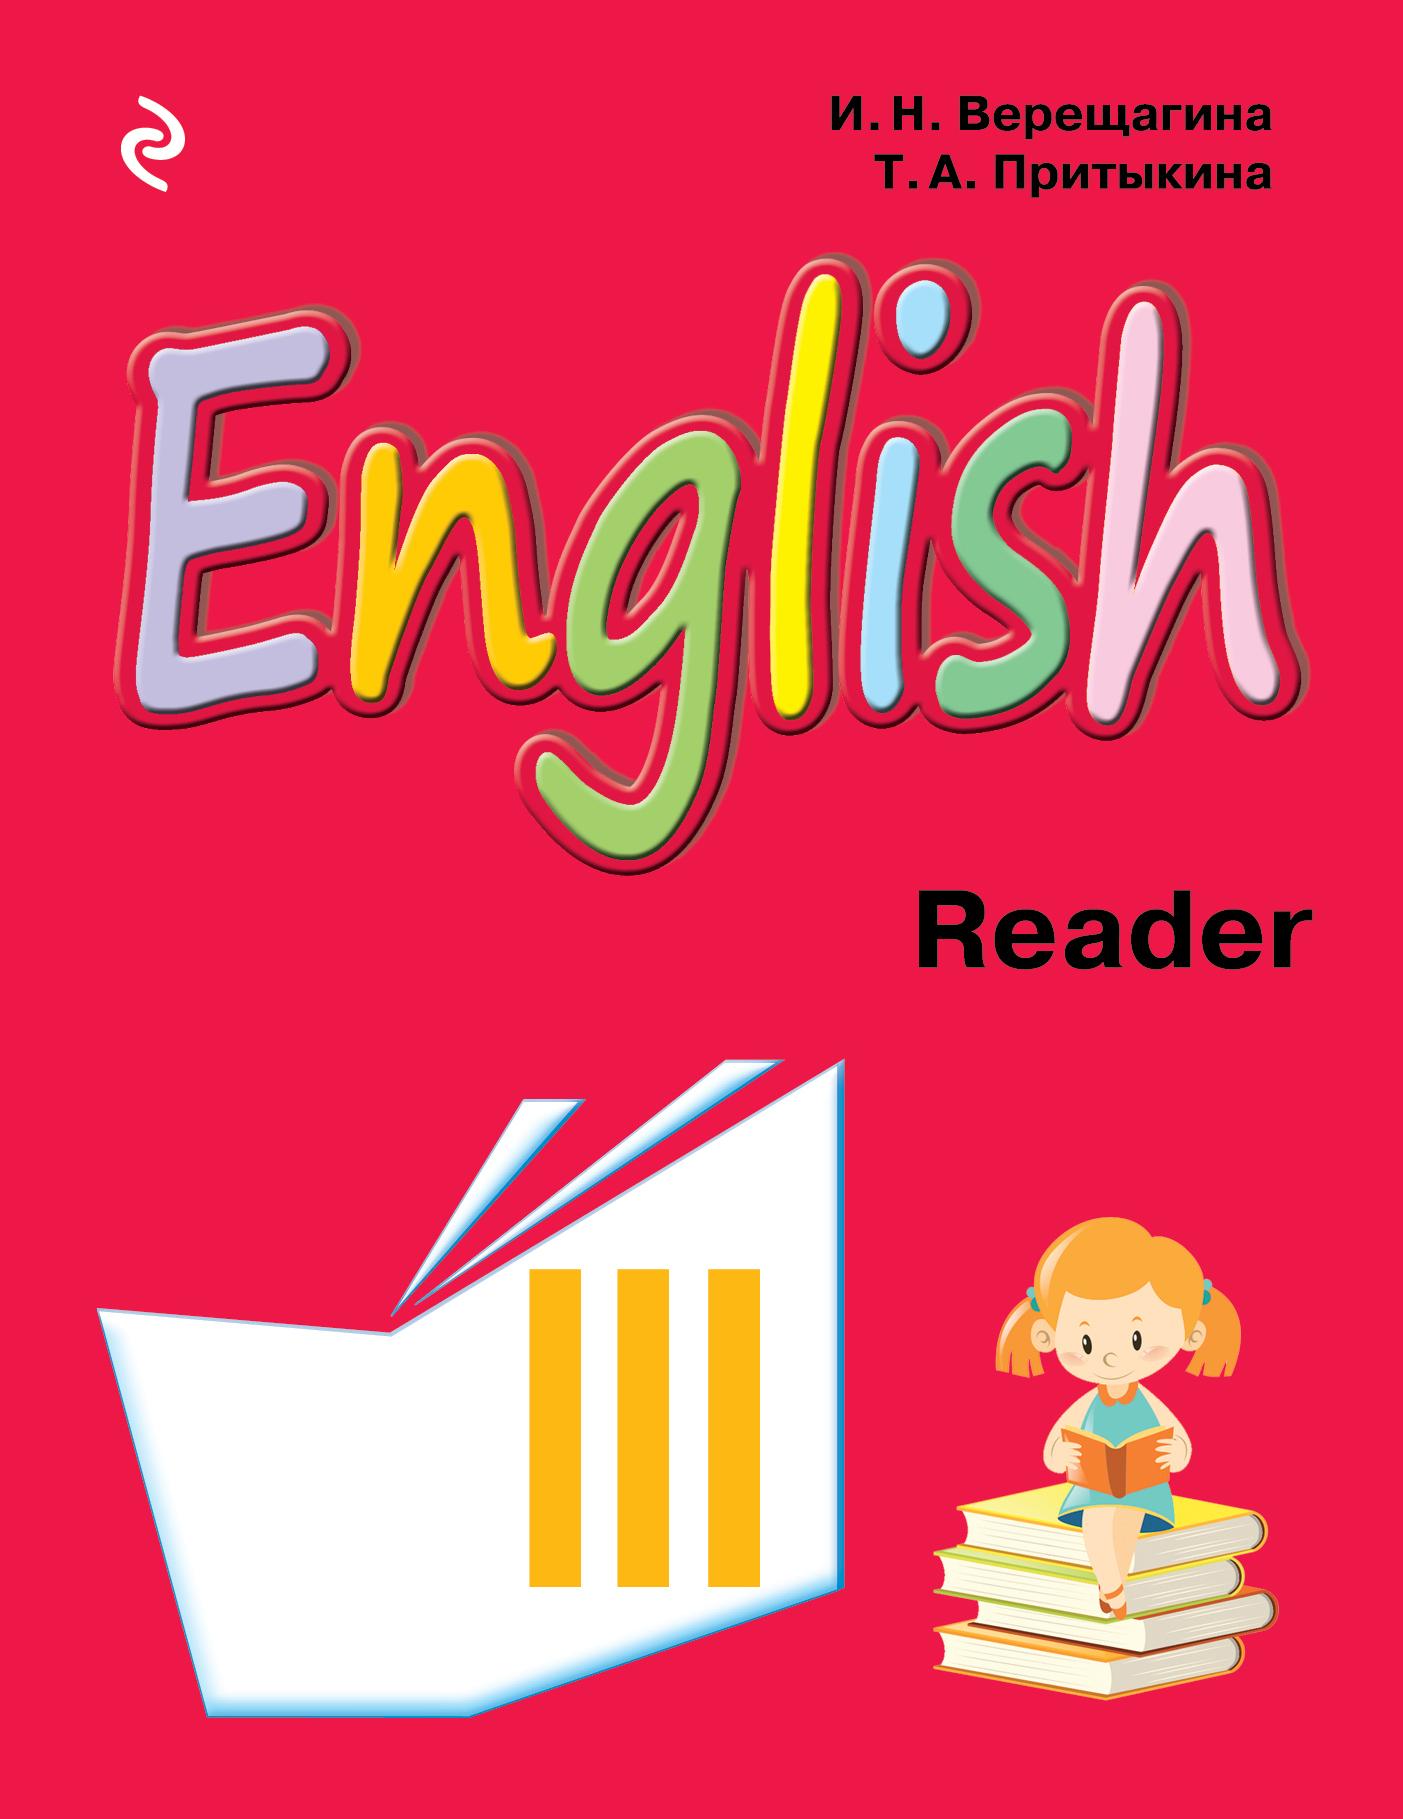 Английский язык. III класс. Книга для чтения ( Верещагина И.Н., Притыкина Т.А.  )